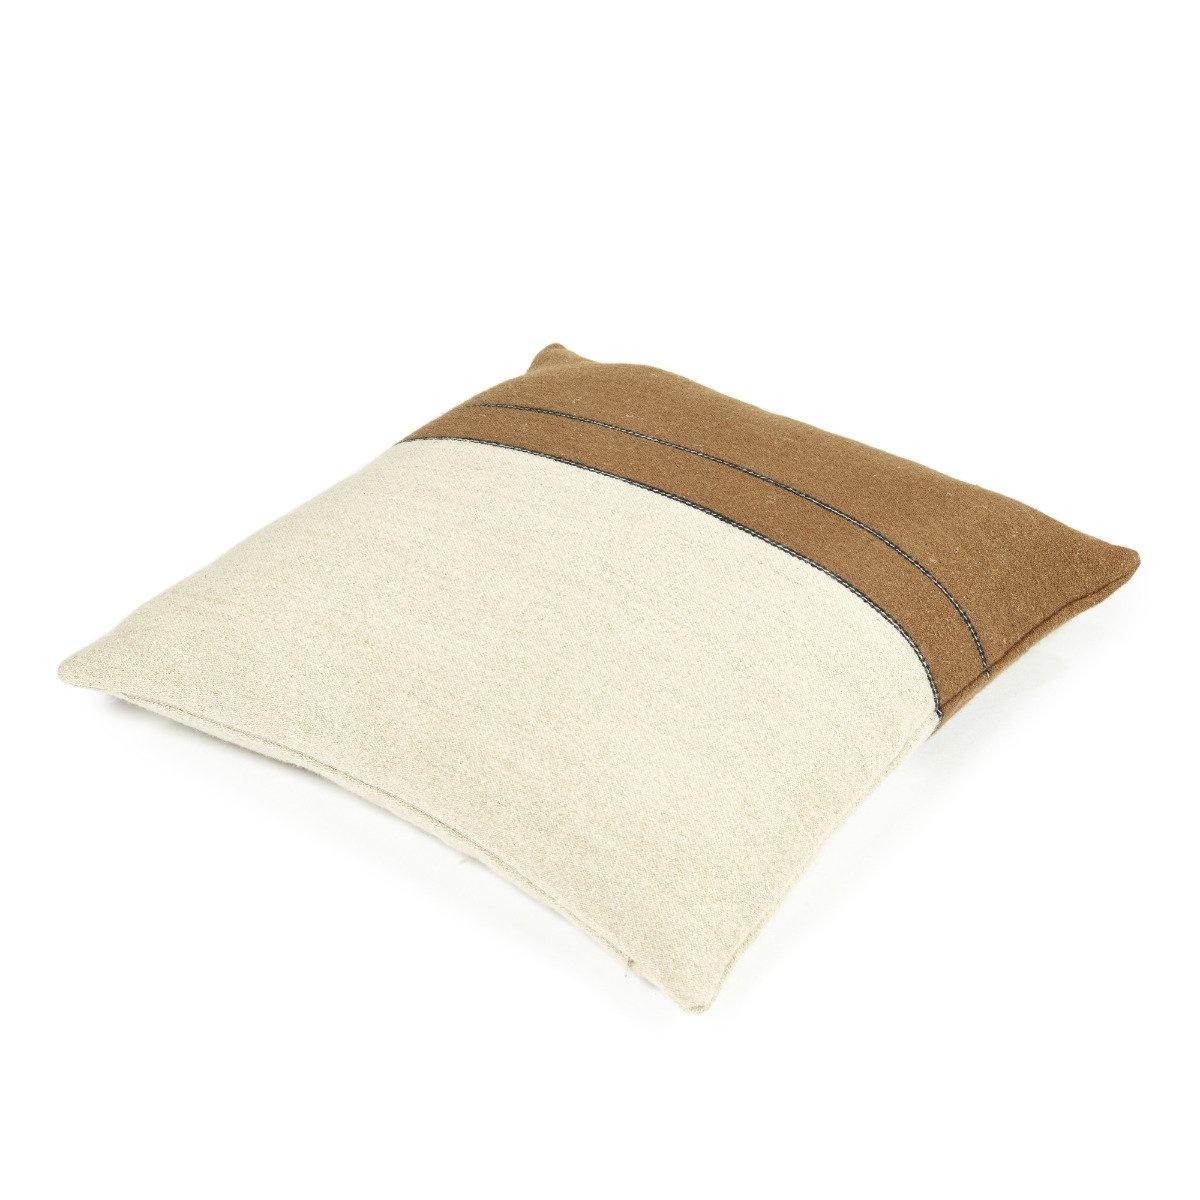 Cushion Cover - Gus-2